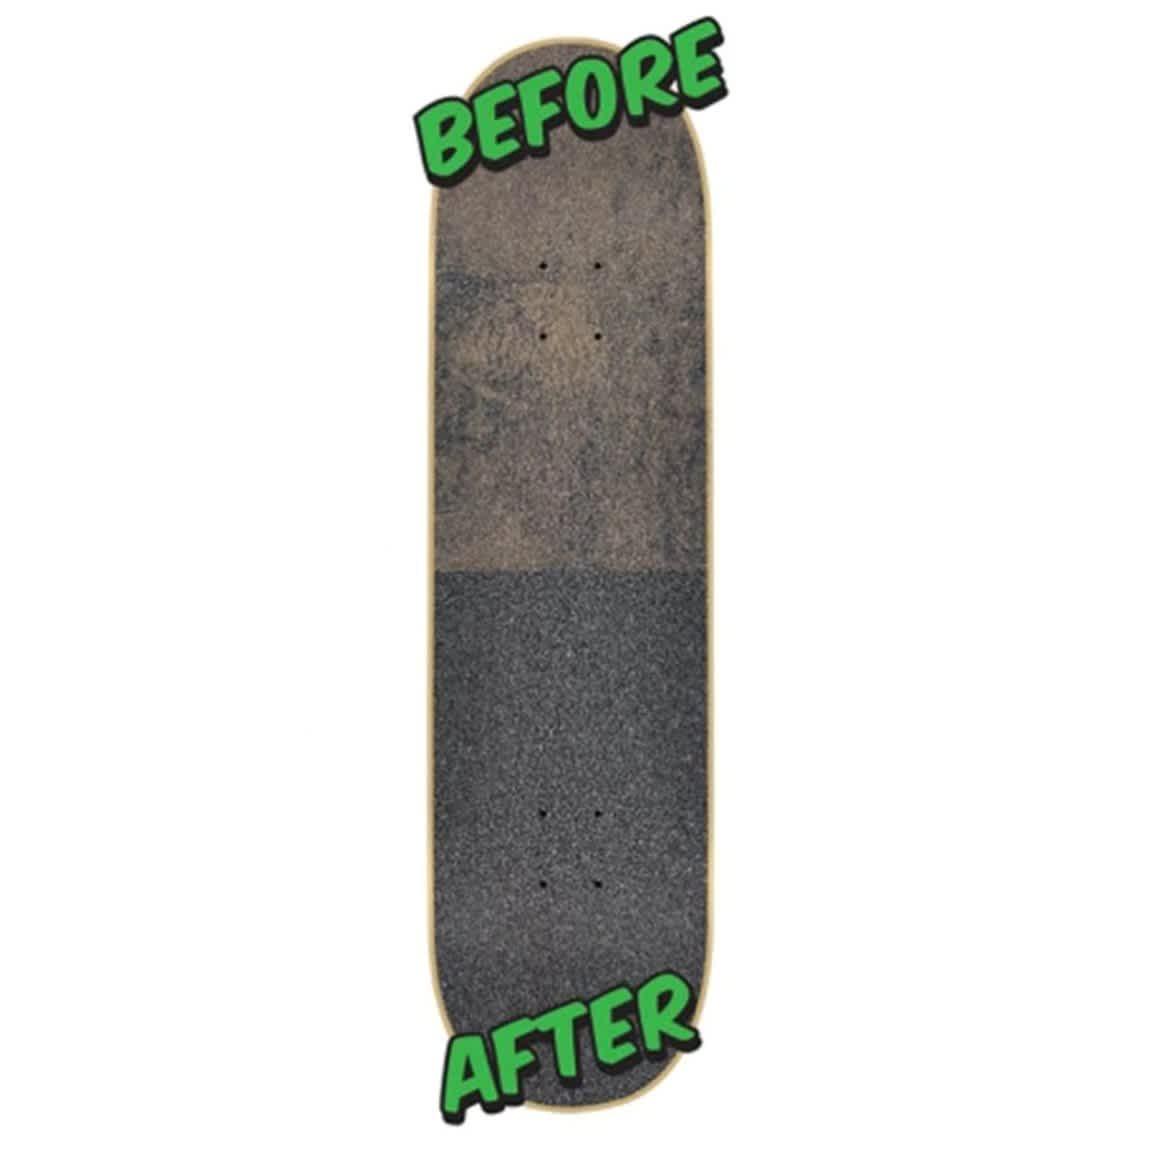 BENCHWHEEL Skate Gear Grip Gum Cleaner for Skateboard Grip Tape 2 pcs